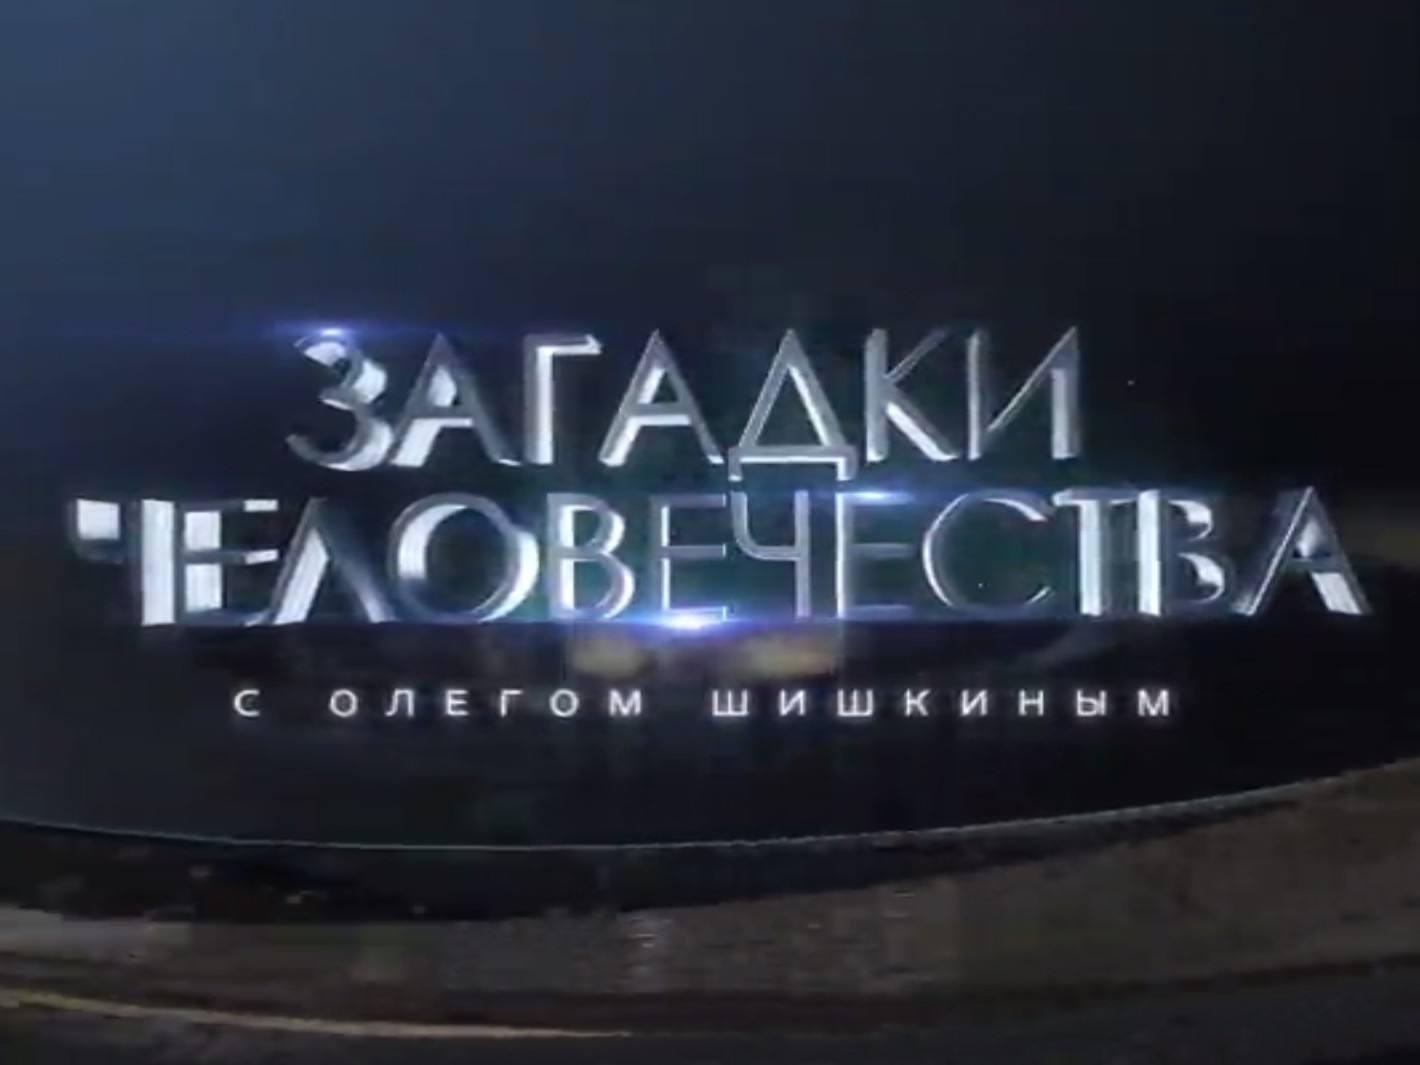 Загадки человечества с Олегом Шишкиным 417 серия в 23:29 на РЕН ТВ